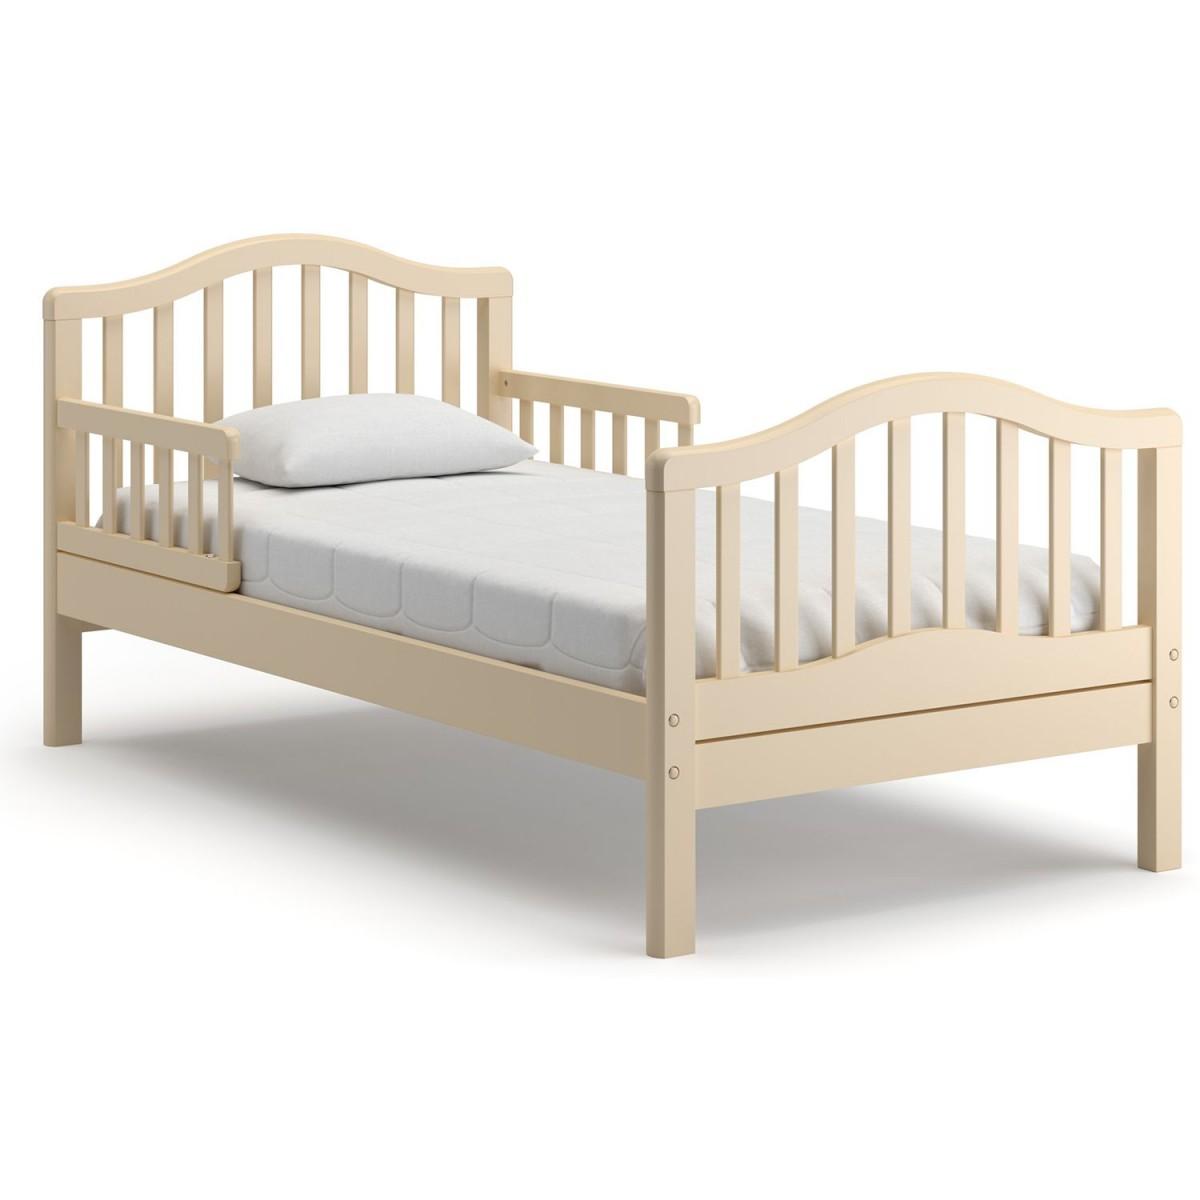 Nuovita Gaudio кровать подростковая